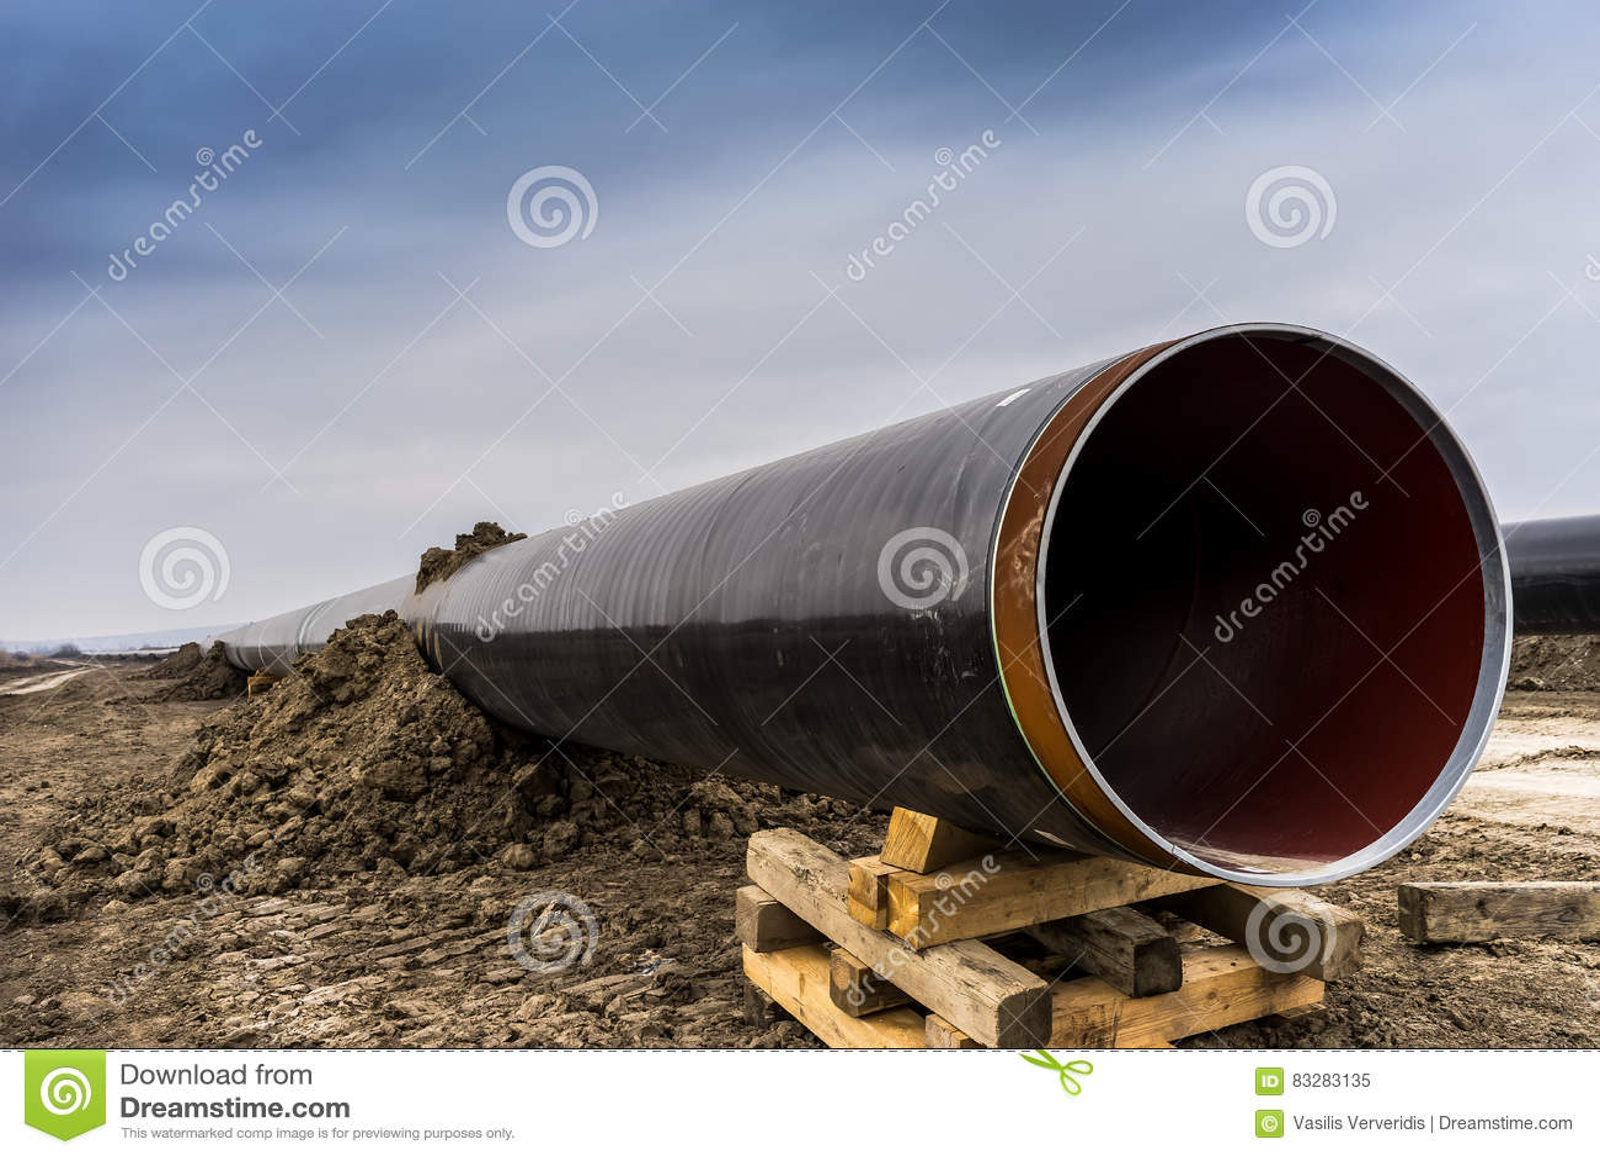 Konstruktion av rörledningen för gasledningtrans. Adriatiska havet - KNACKA LÄTT PÅ i inget